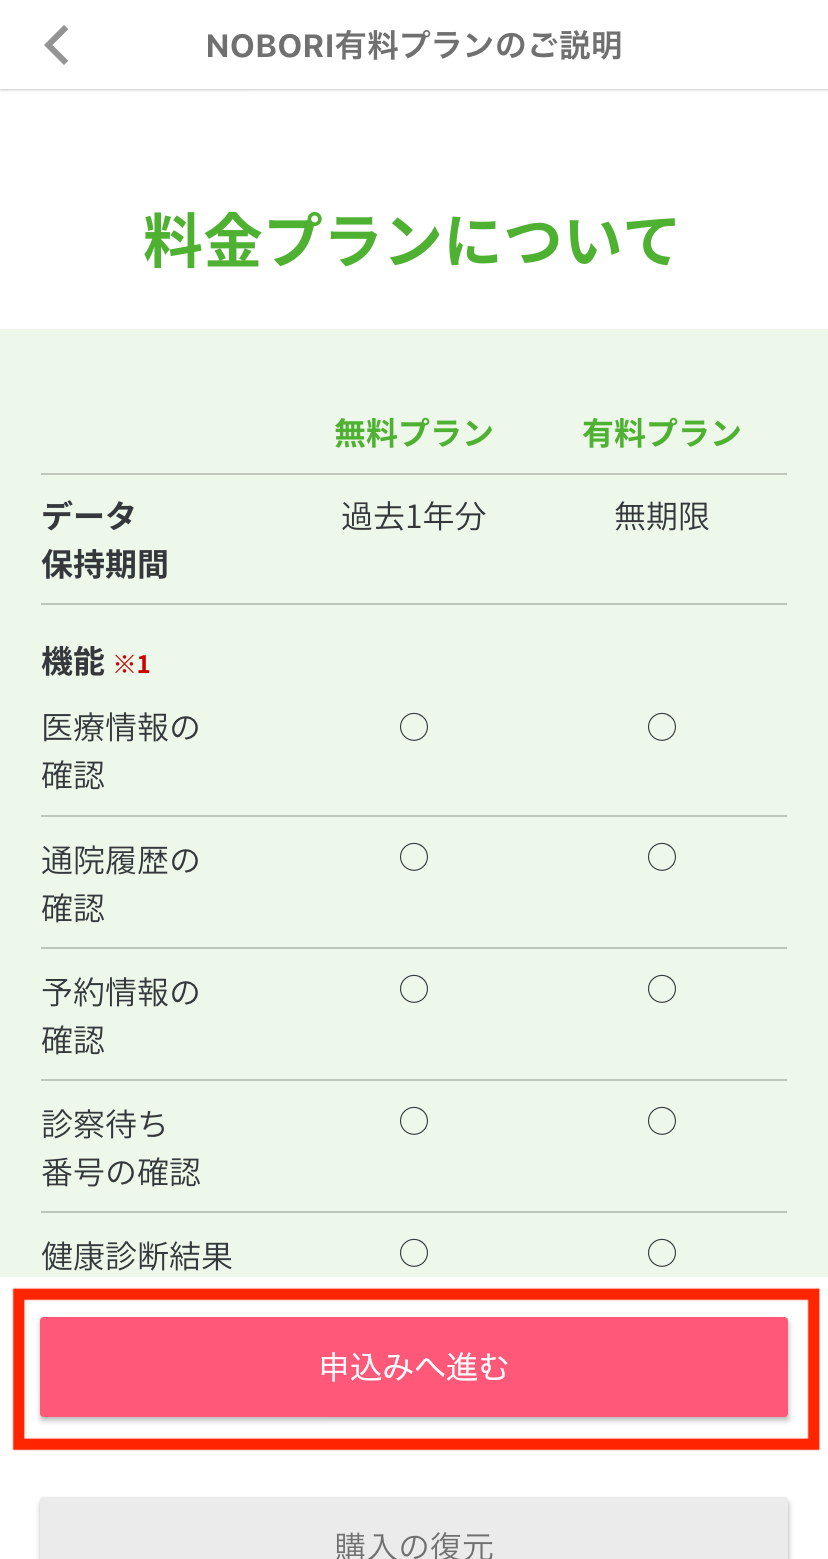 申し込み画面.png